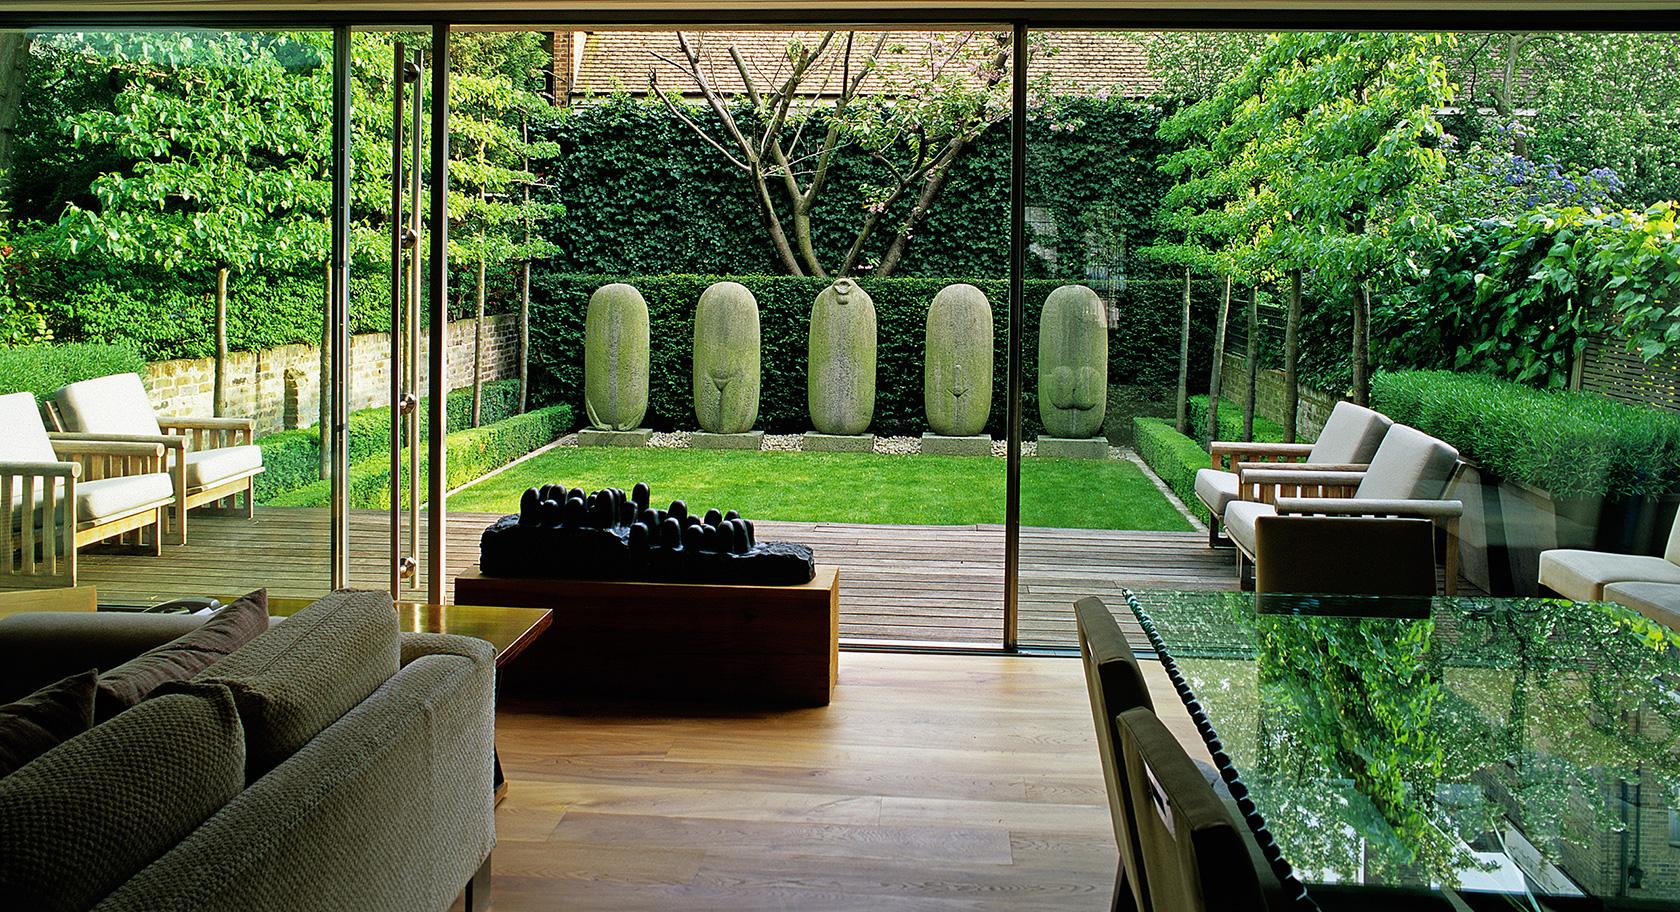 Luciano Giubbilei Kensington Gardens